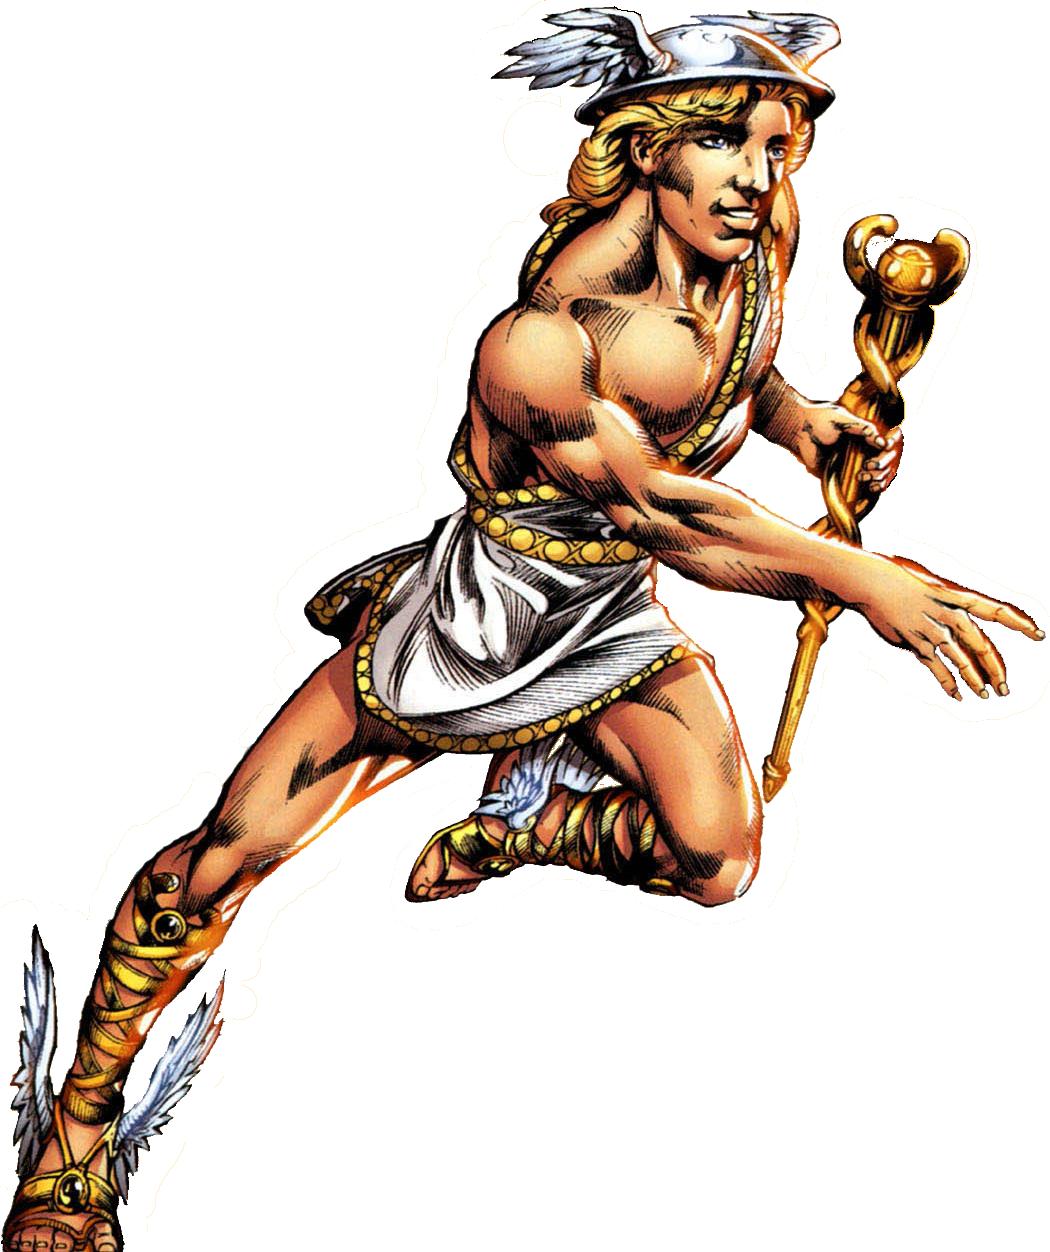 Uncategorized Hermes God hermes diaktoros earth 616 marvel database fandom powered by hermes